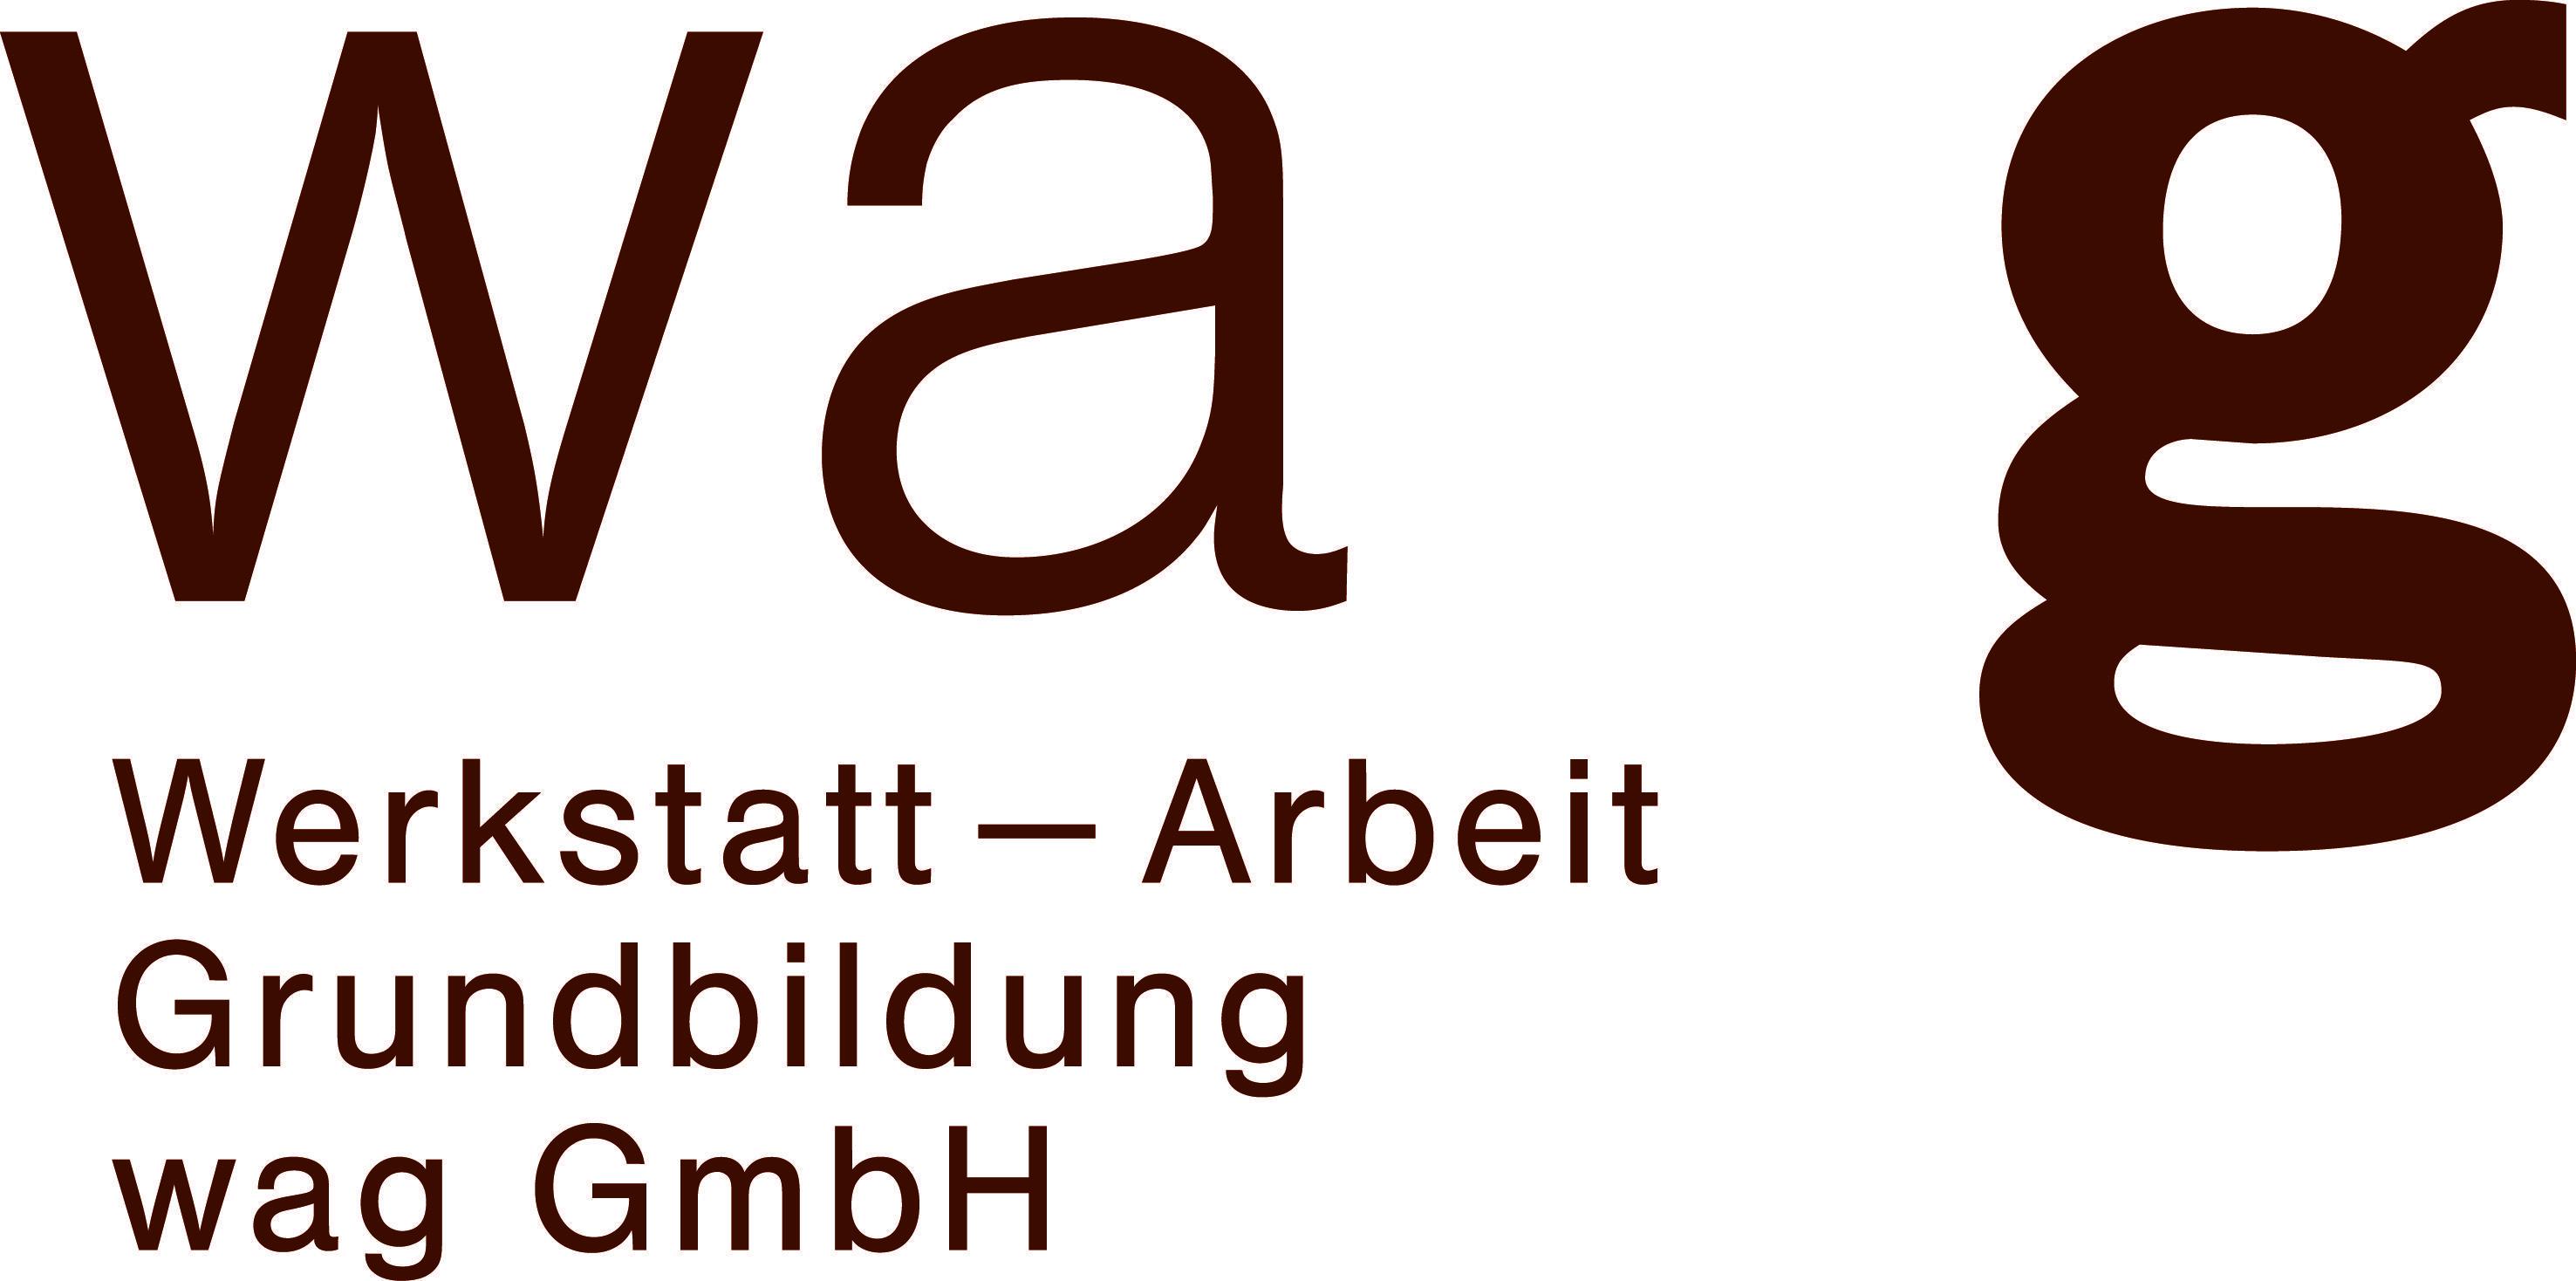 wag GmbH Werkstatt - Arbeit - Grundbildung